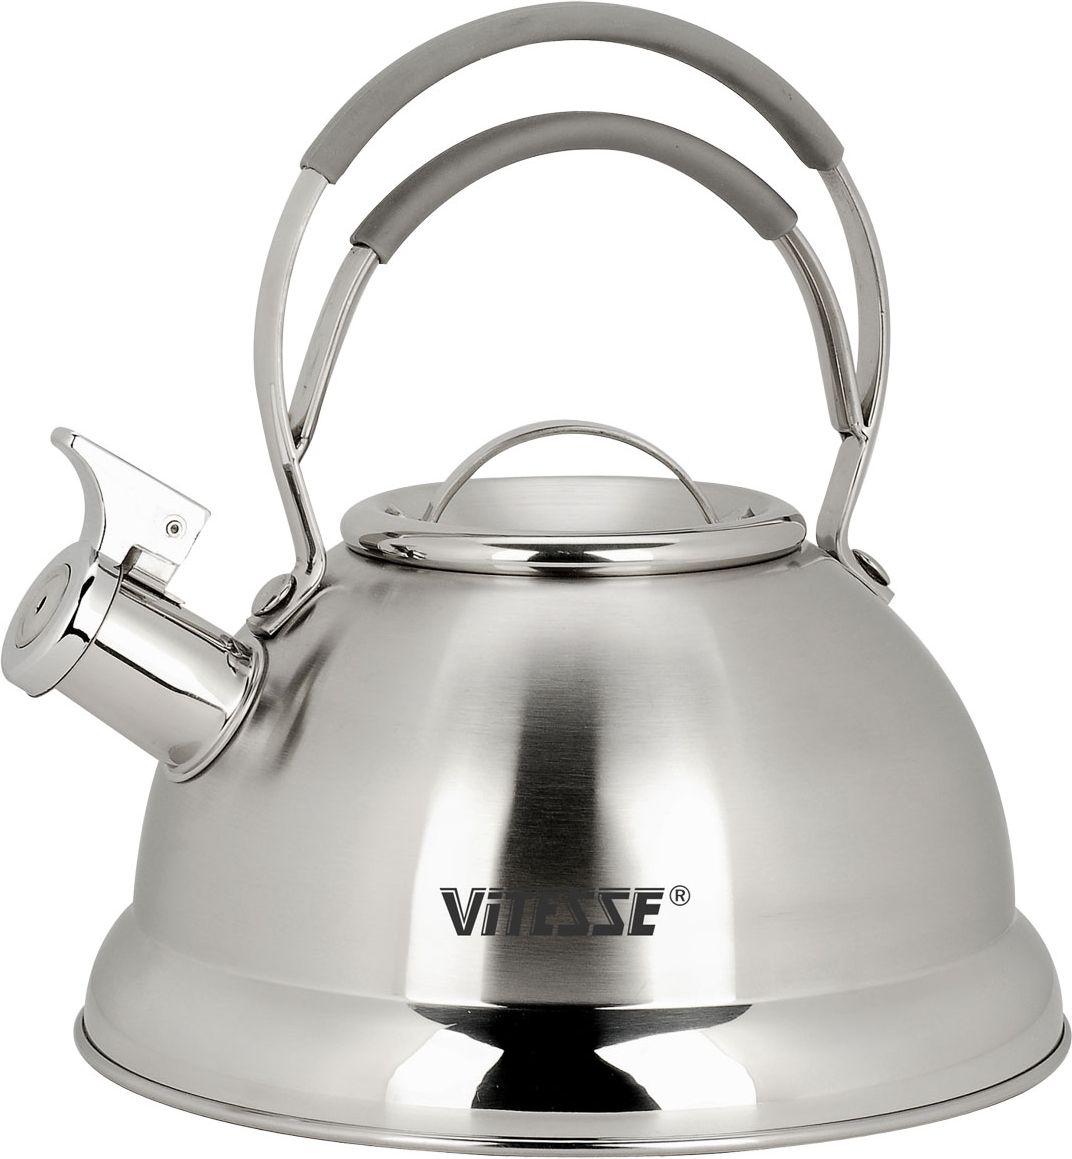 Чайник Vitesse Classic со свистком, 2,3 л. VS-7800VS-7800Чайник Vitesse Classic выполнен из высококачественной нержавеющей стали 18/10. Капсулированное дно с прослойкой из алюминия обеспечивает наилучшее распределение тепла. Носик чайника оснащен откидной насадкой-свистком, что позволит вам контролировать процесс подогрева или кипячения воды. Чайник имеет матовое покрытие корпуса. Ручка чайника изготовлена из нержавеющей стали с силиконовым покрытием. Чайник Vitesse Classic подходит для использования на газовой, стеклокерамической, галогеновой и электрической типах плит. Также изделие можно мыть в посудомоечной машине. Характеристики:Материал: нержавеющая сталь 18/10, силикон.Диаметр основания чайника: 21 см.Высота чайника (с учетом крышки и ручки):24 см.Объем:2,3 л.Размер упаковки:23 см х 23,5 см х 22,5 см. Изготовитель:Китай. Артикул:VS-7800.Кухонная посуда марки Vitesseиз нержавеющей стали 18/10 предоставит вам все необходимое для получения удовольствия от приготовления пищи и принесет радость от его результатов. Посуда Vitesse обладает выдающимися функциональными свойствами. Легкие в уходе кастрюли и сковородки имеют плотно закрывающиеся крышки, которые дают возможность готовить с малым количеством воды и экономией энергии, и идеально подходят для всех видов плит: газовых, электрических, стеклокерамических и индукционных. Конструкция дна посуды гарантирует быстрое поглощение тепла, его равномерное распределение и сохранение. Великолепно отполированная поверхность, а также многочисленные конструктивные новшества, заложенные во все изделия Vitesse, позволит вам открыть новые горизонты приготовления уже знакомых блюд. Для производства посуды Vitesseиспользуются только высококачественные материалы, которые соответствуют международным стандартам.